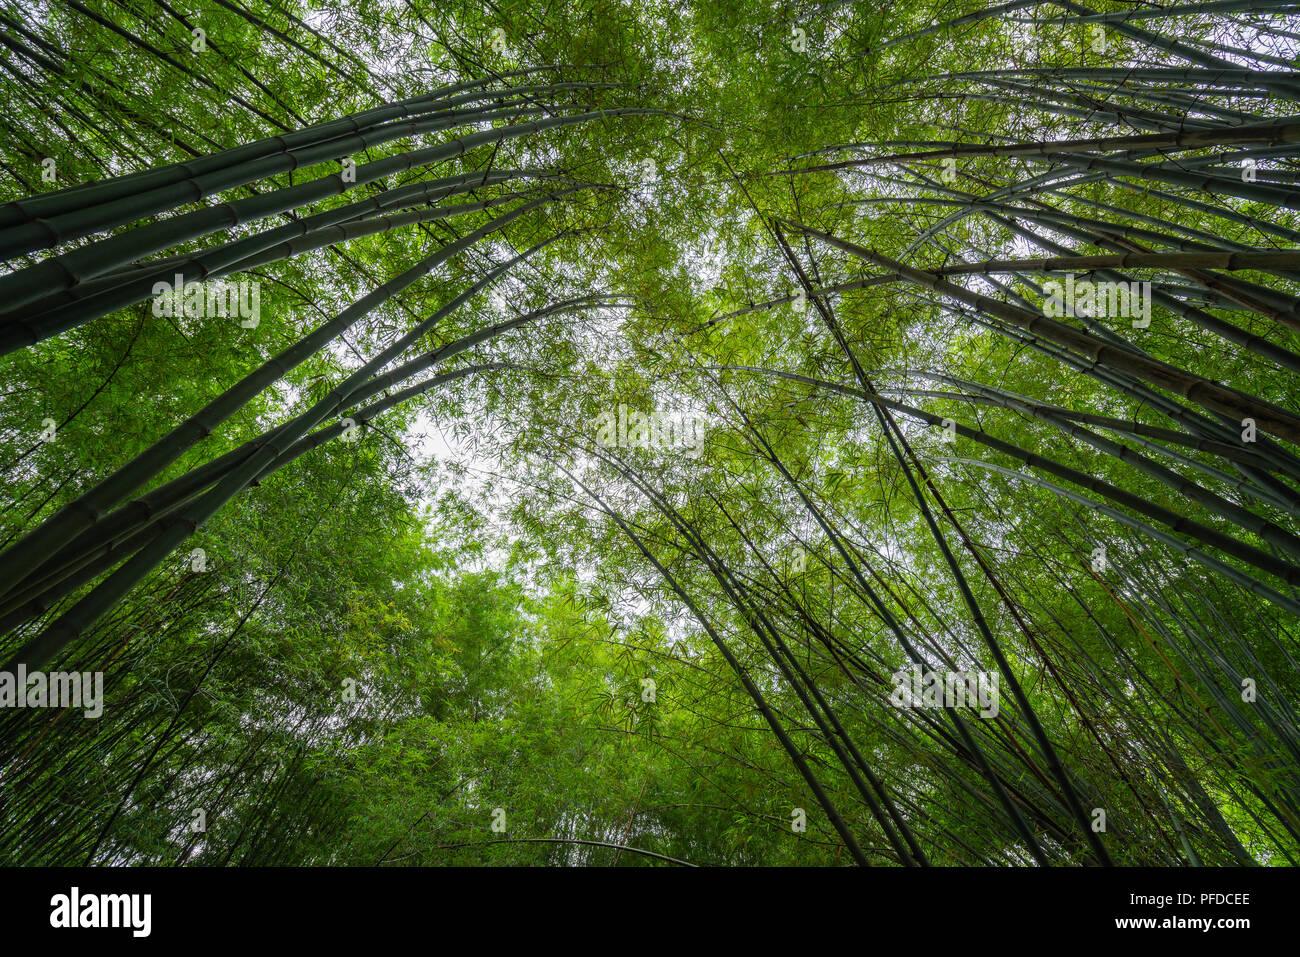 Konvergenz der oberen Enden der Gruppe von grünem Bambus Stockbild